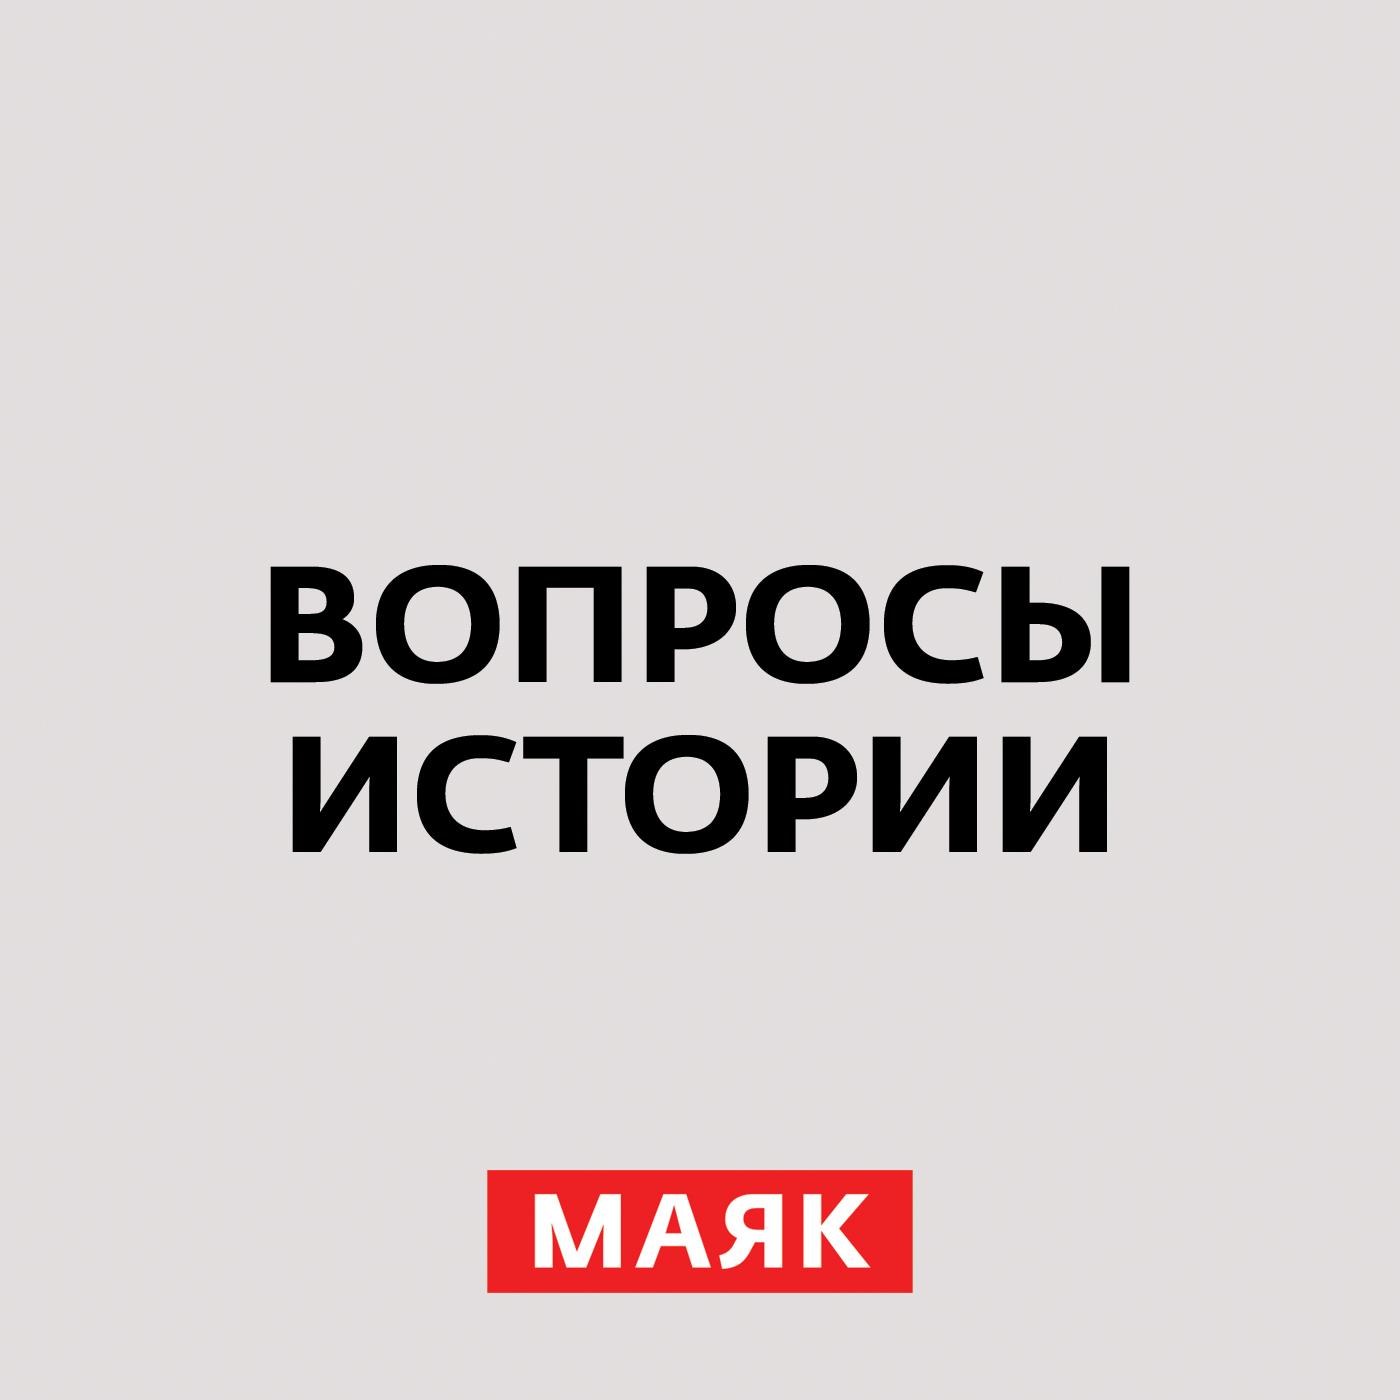 Андрей Светенко «Красный террор»: ни хлеба, ни мира отсутствует постановление о лицее